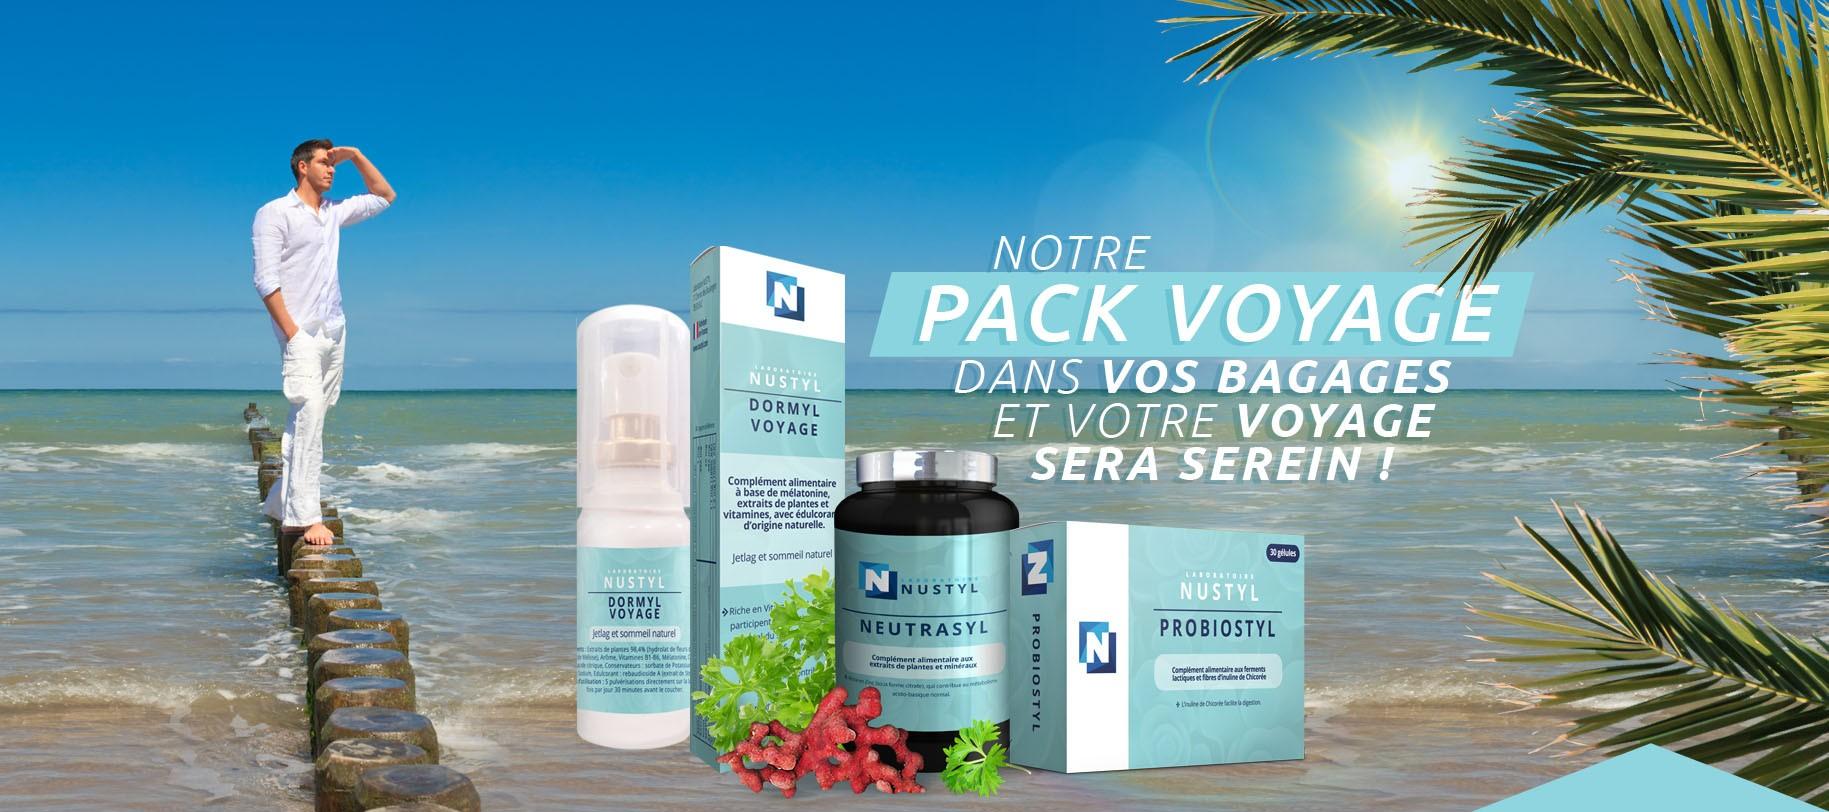 Le Laboratoire Nustyl vous présente le Pack Voyage